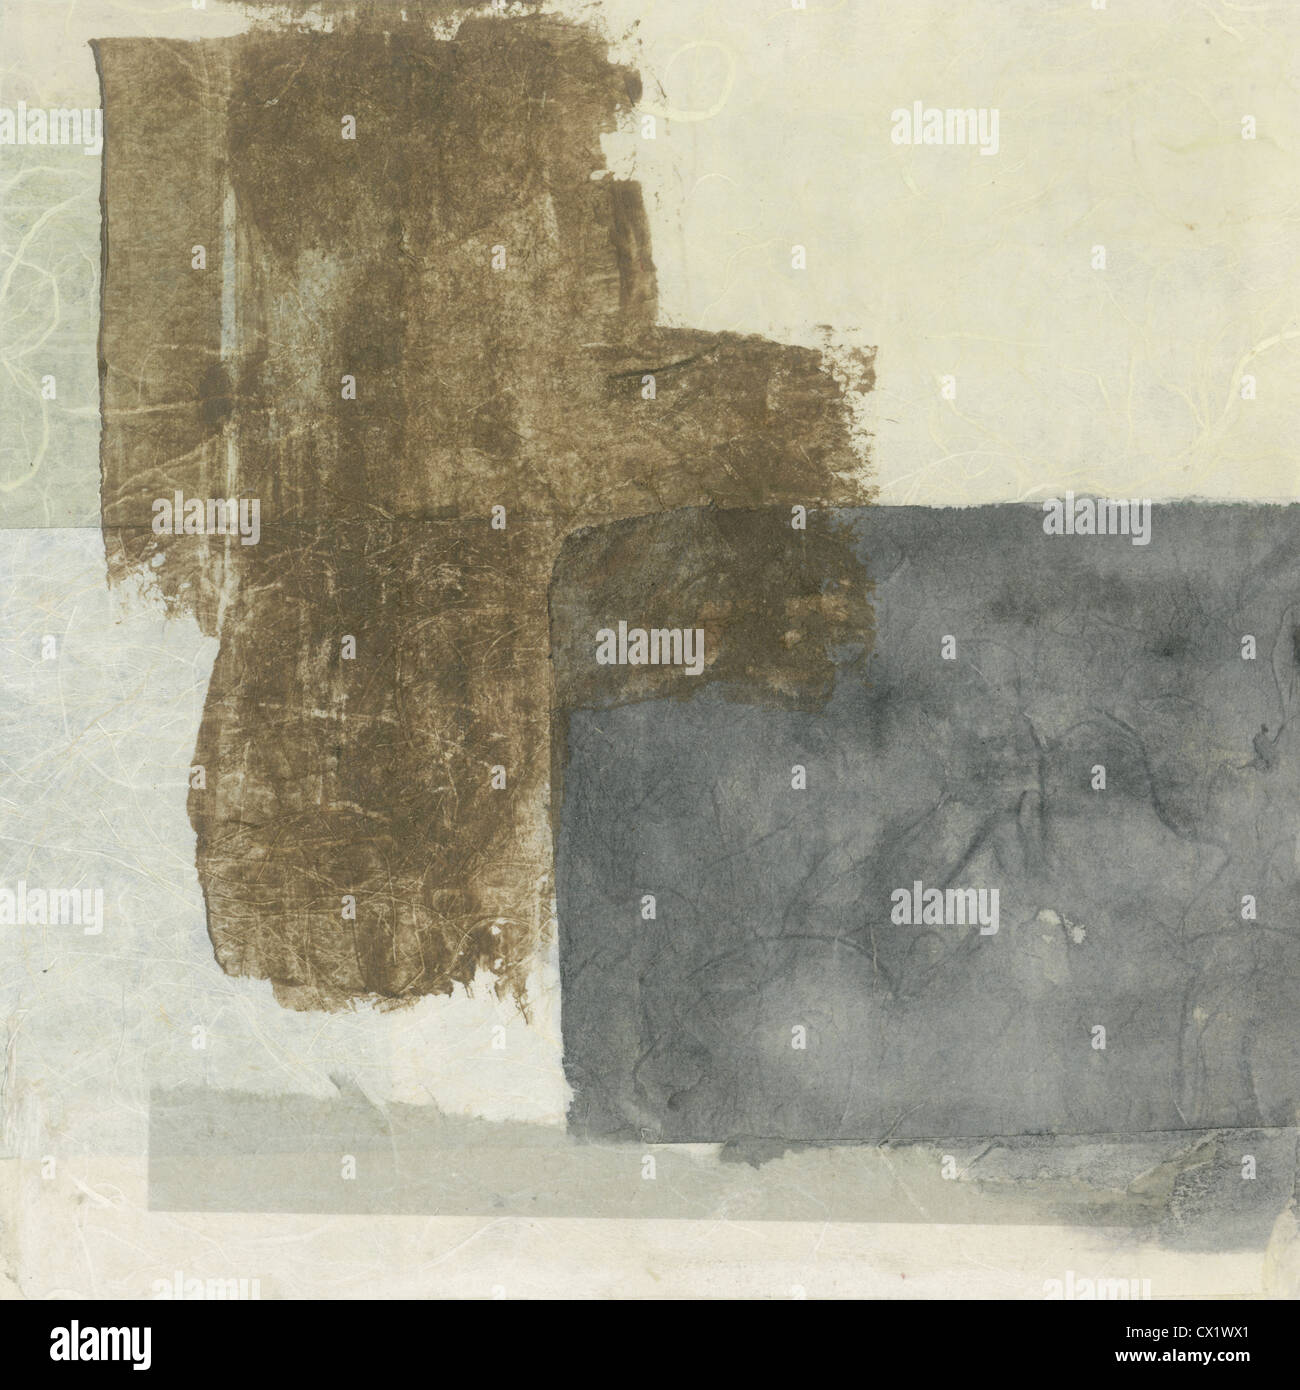 Tonos de gris y marrón abstracto texturales collage de papel pintado. Imagen De Stock